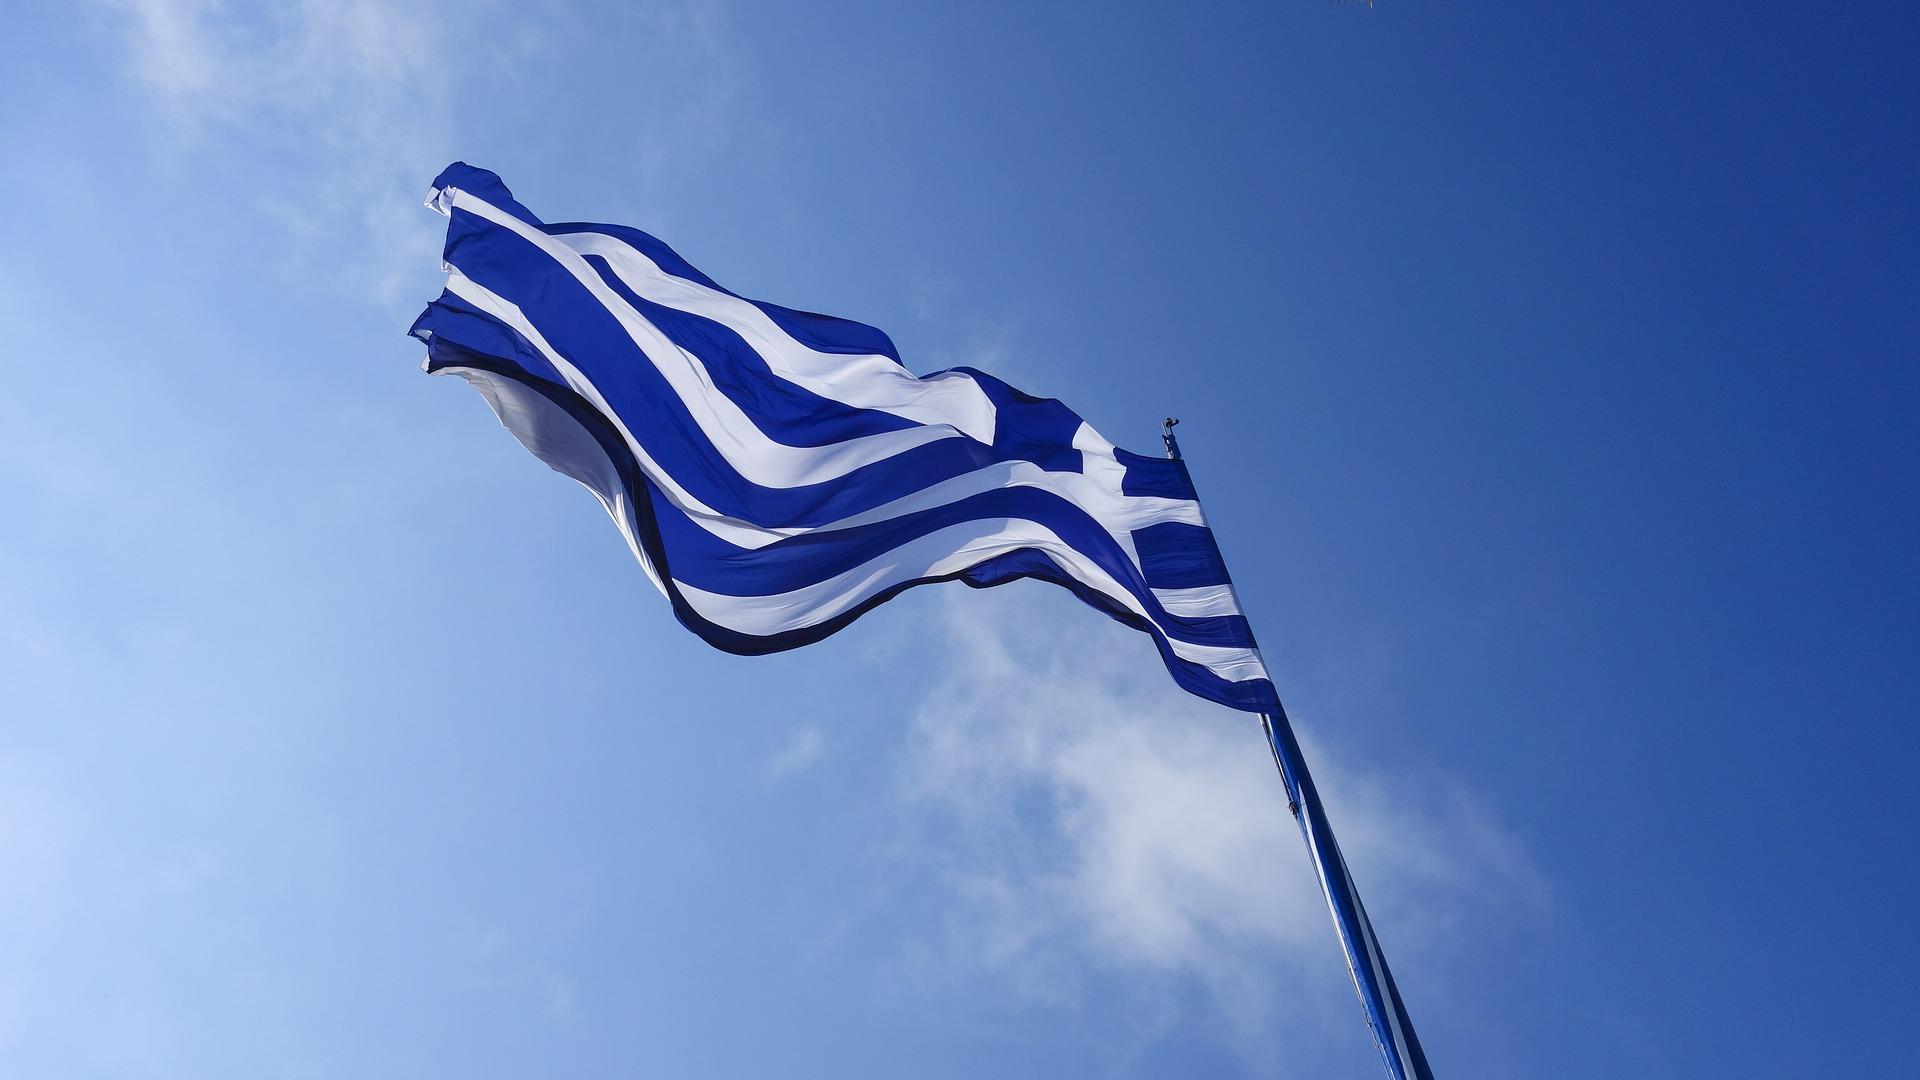 Αντ. Αργυρός: Και τώρα τι κάνουμε; – Oυδέποτε o Ελληνισμός διέτρεξε τέτοιον άμεσο και ψηλαφητό κίνδυνο…